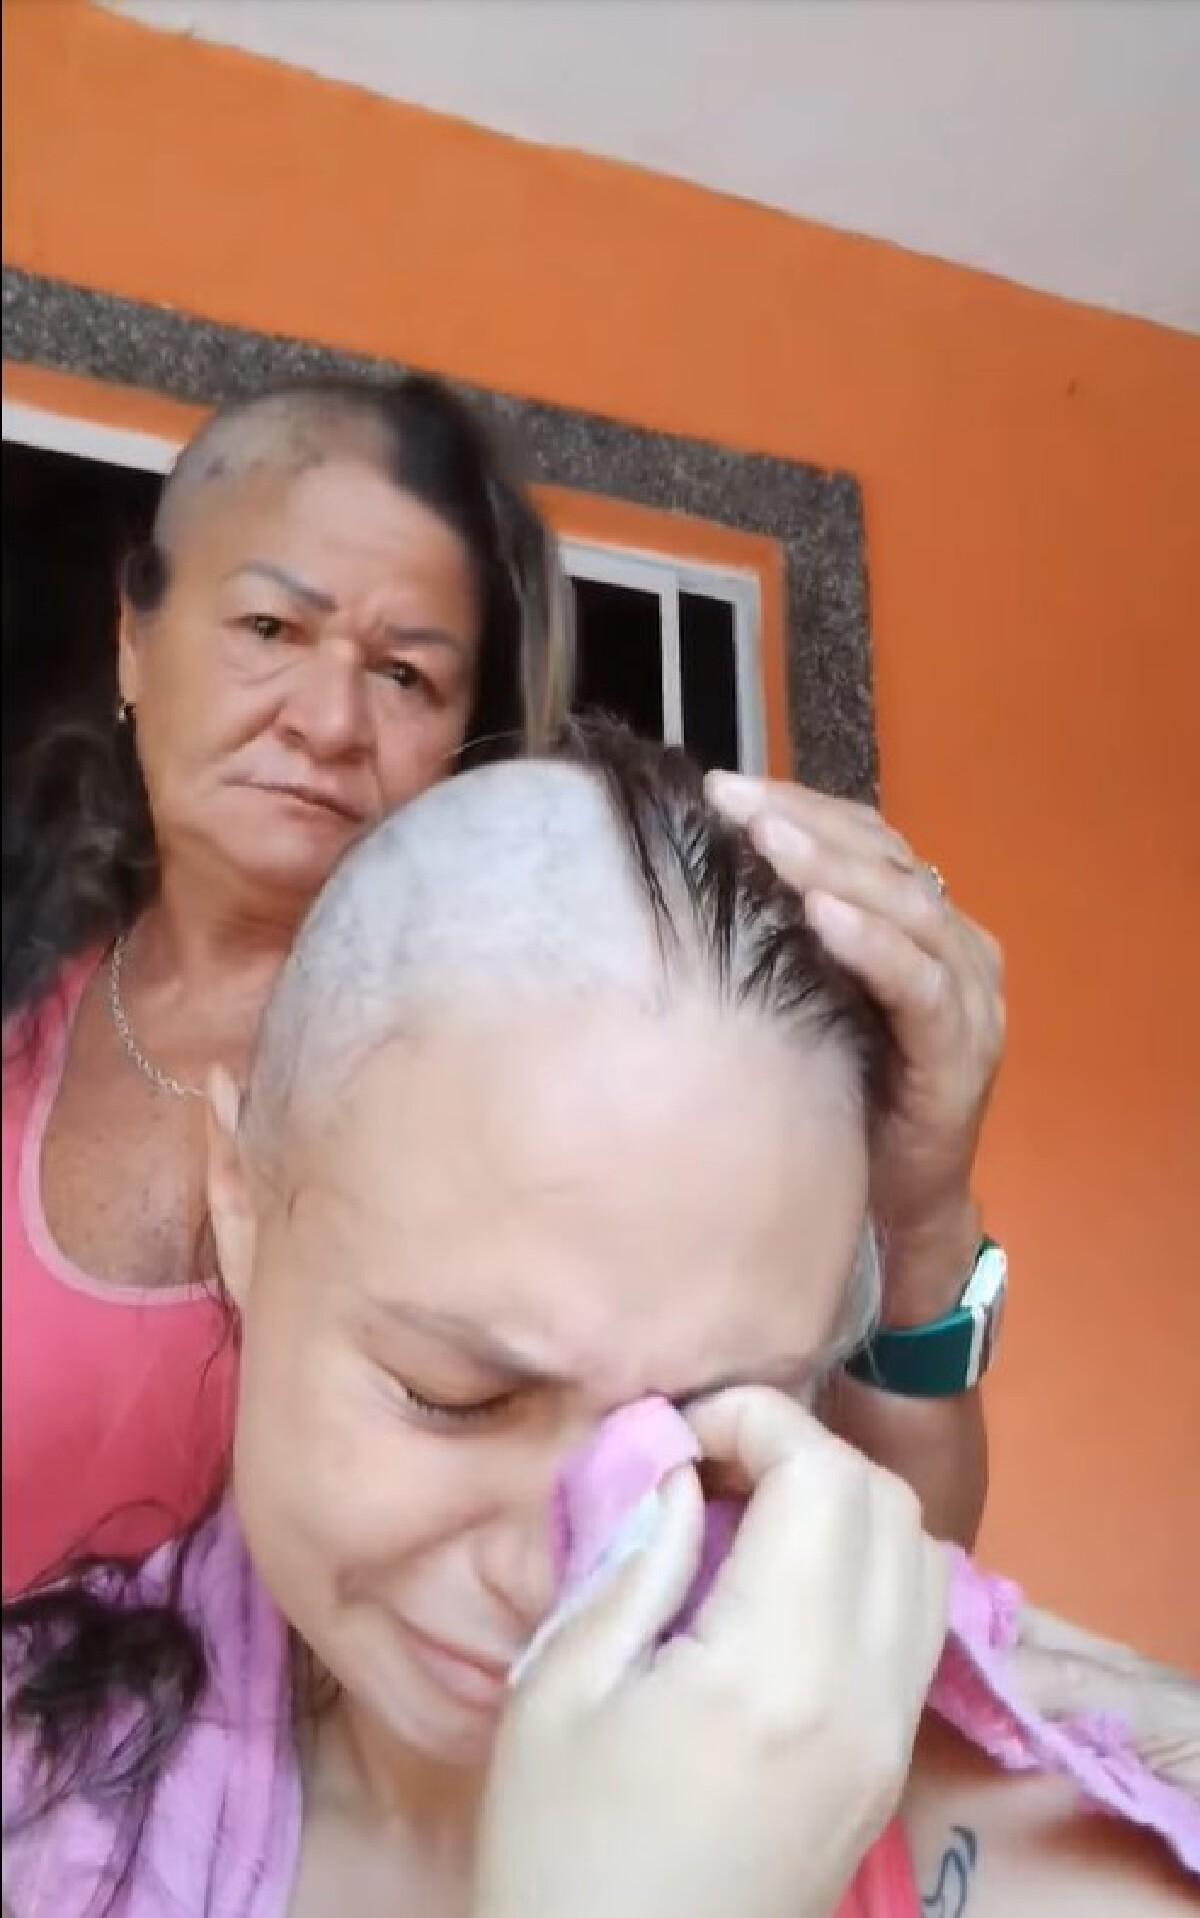 แม่โกนผมให้ลูกสาวเพราะป่วยมะเร็ง ก่อนตัดสินใจโกนผมตามลูกของเธอ